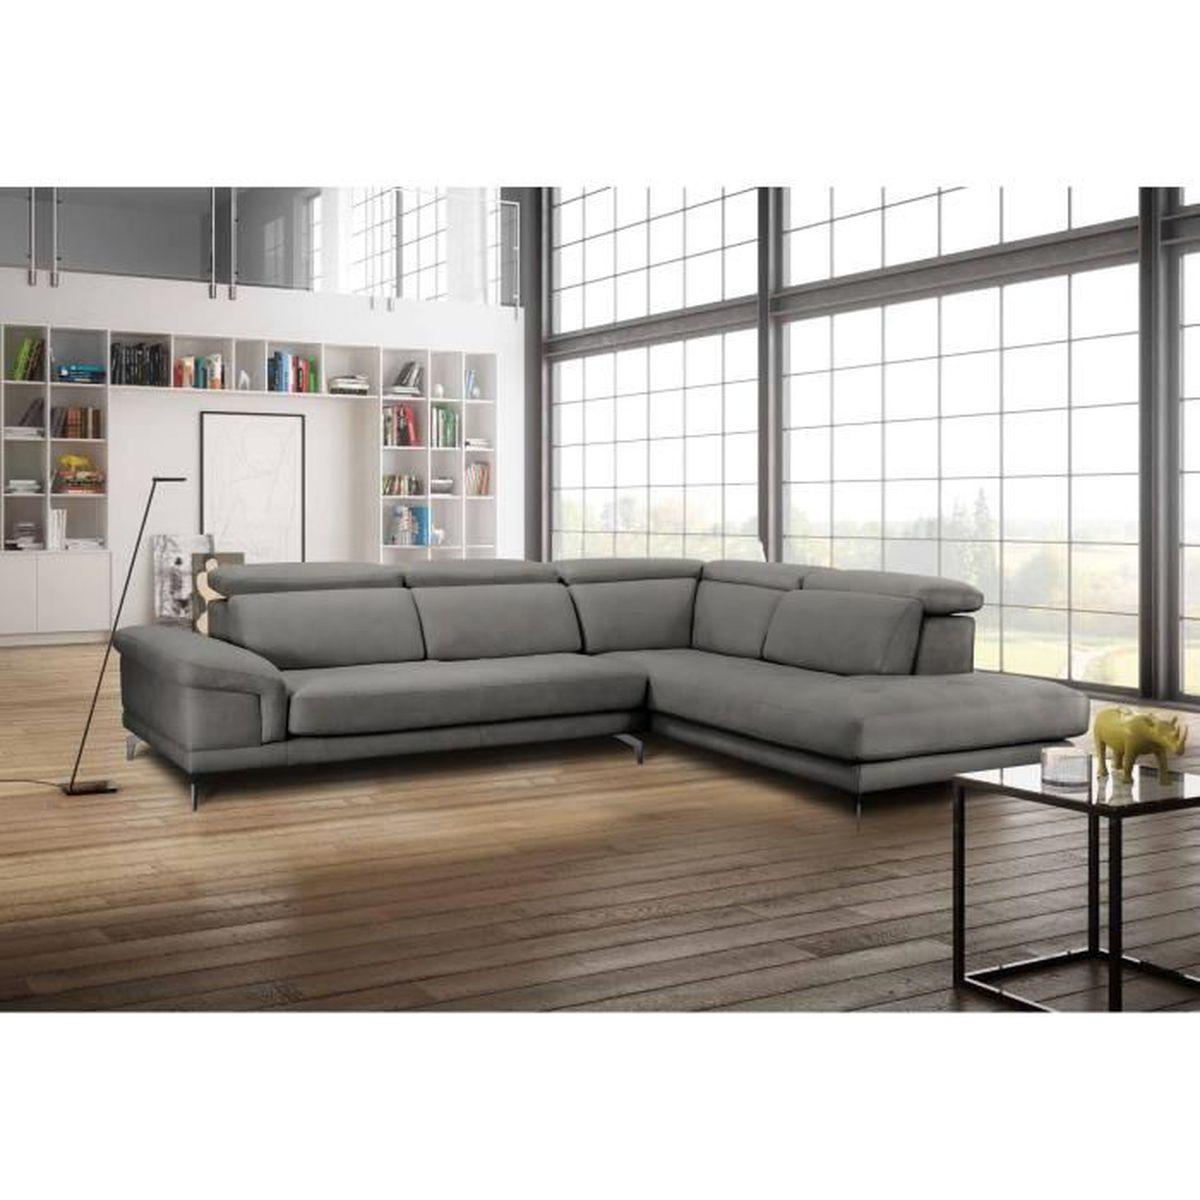 Bobochic Luna Panoramique Convertible canapé d'angle gris avec méridienne calista - achat / vente